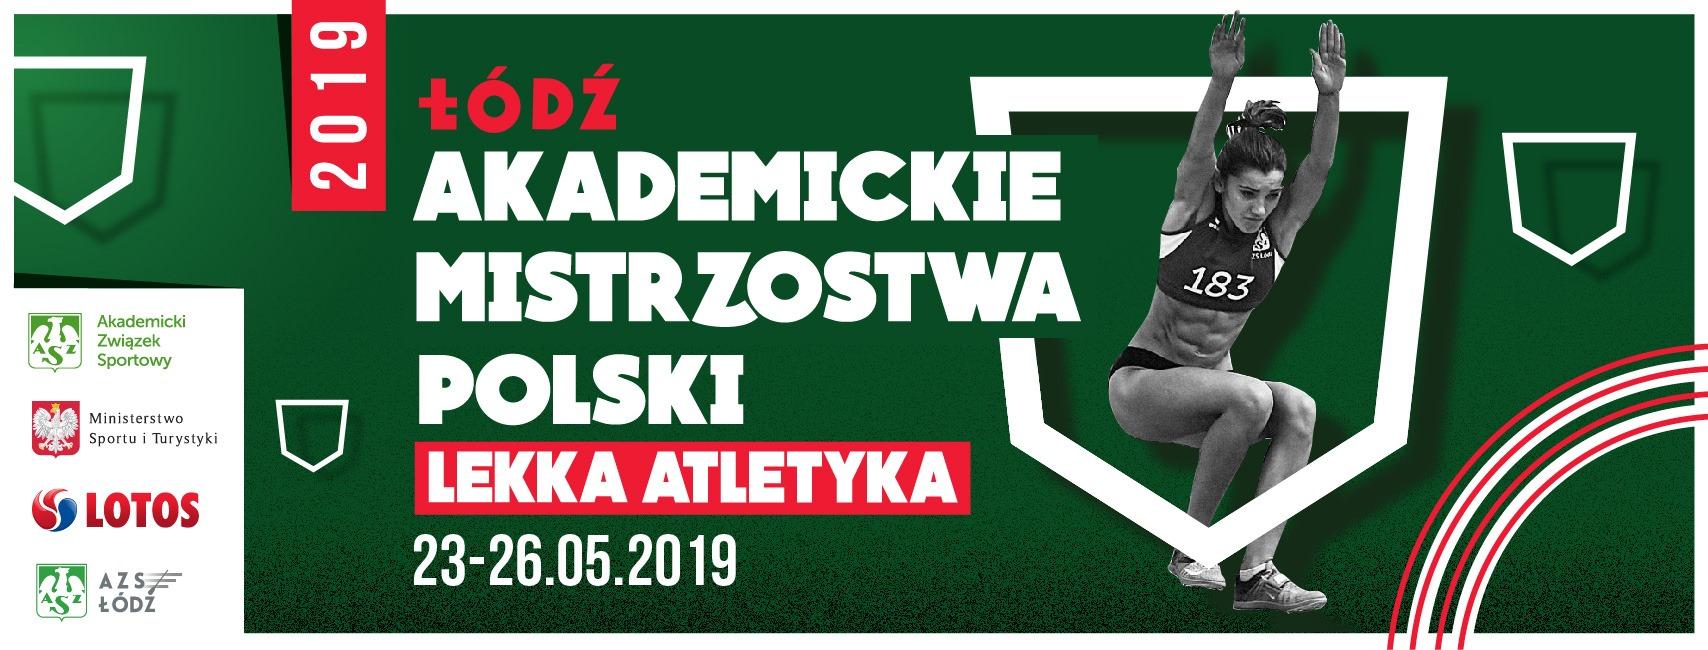 Akademickie Mistrzostwa Polski połączone z Mistrzostwami Polski AZS w Lekkiej Atletyce.